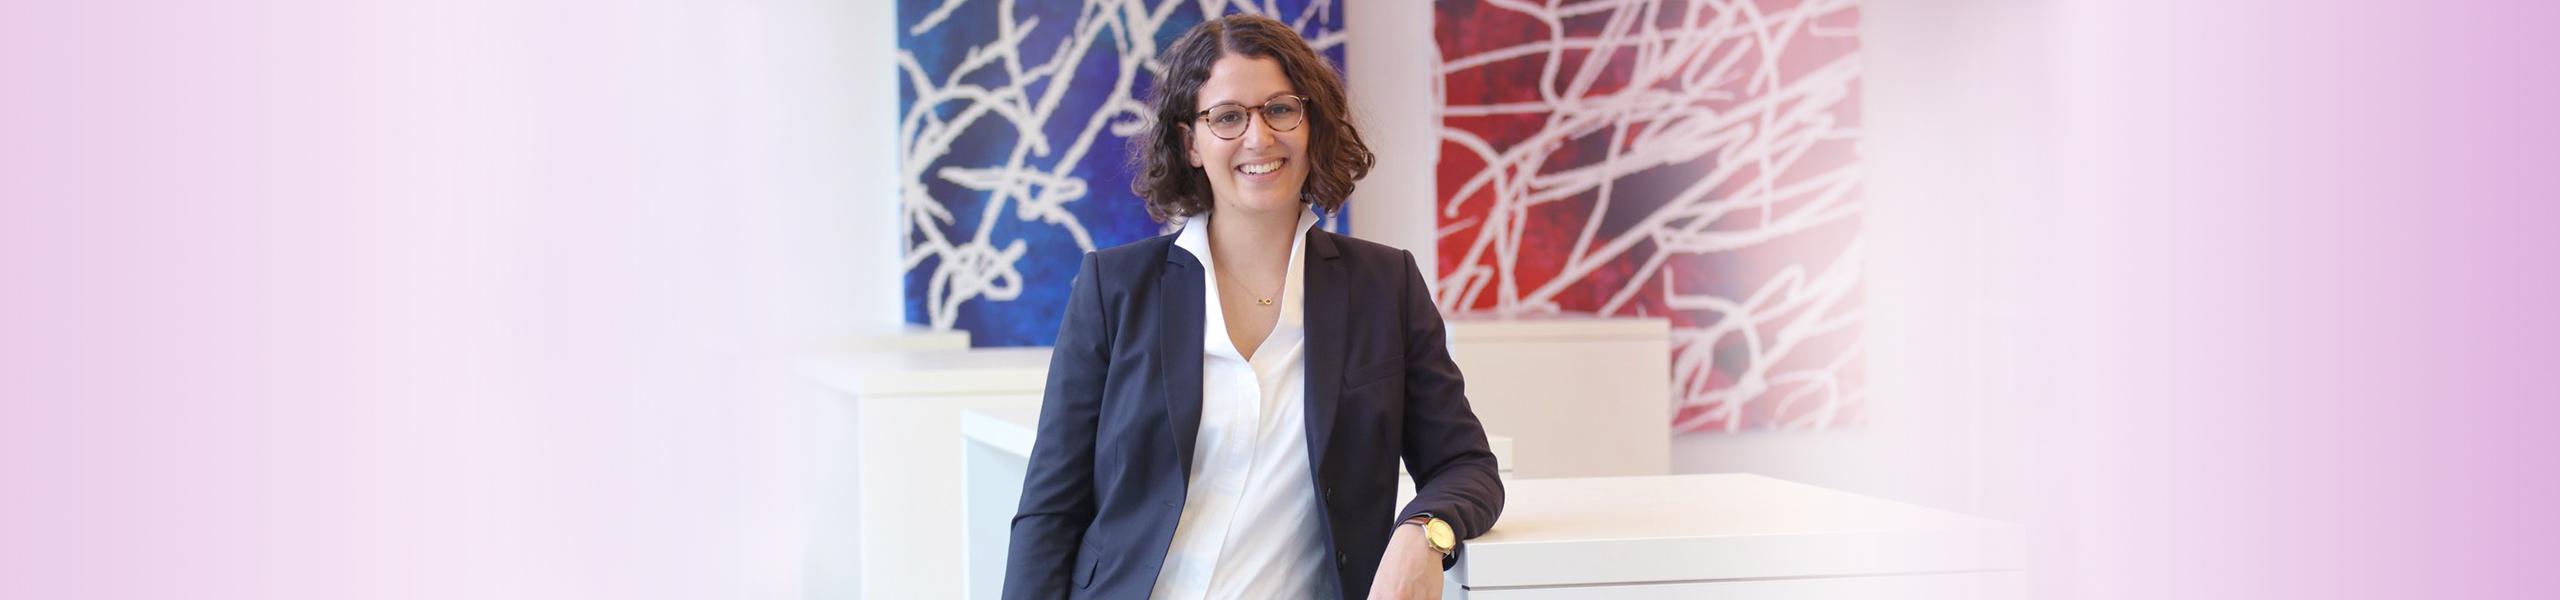 Sina Knobel Beraterin der KfW Bankengruppe